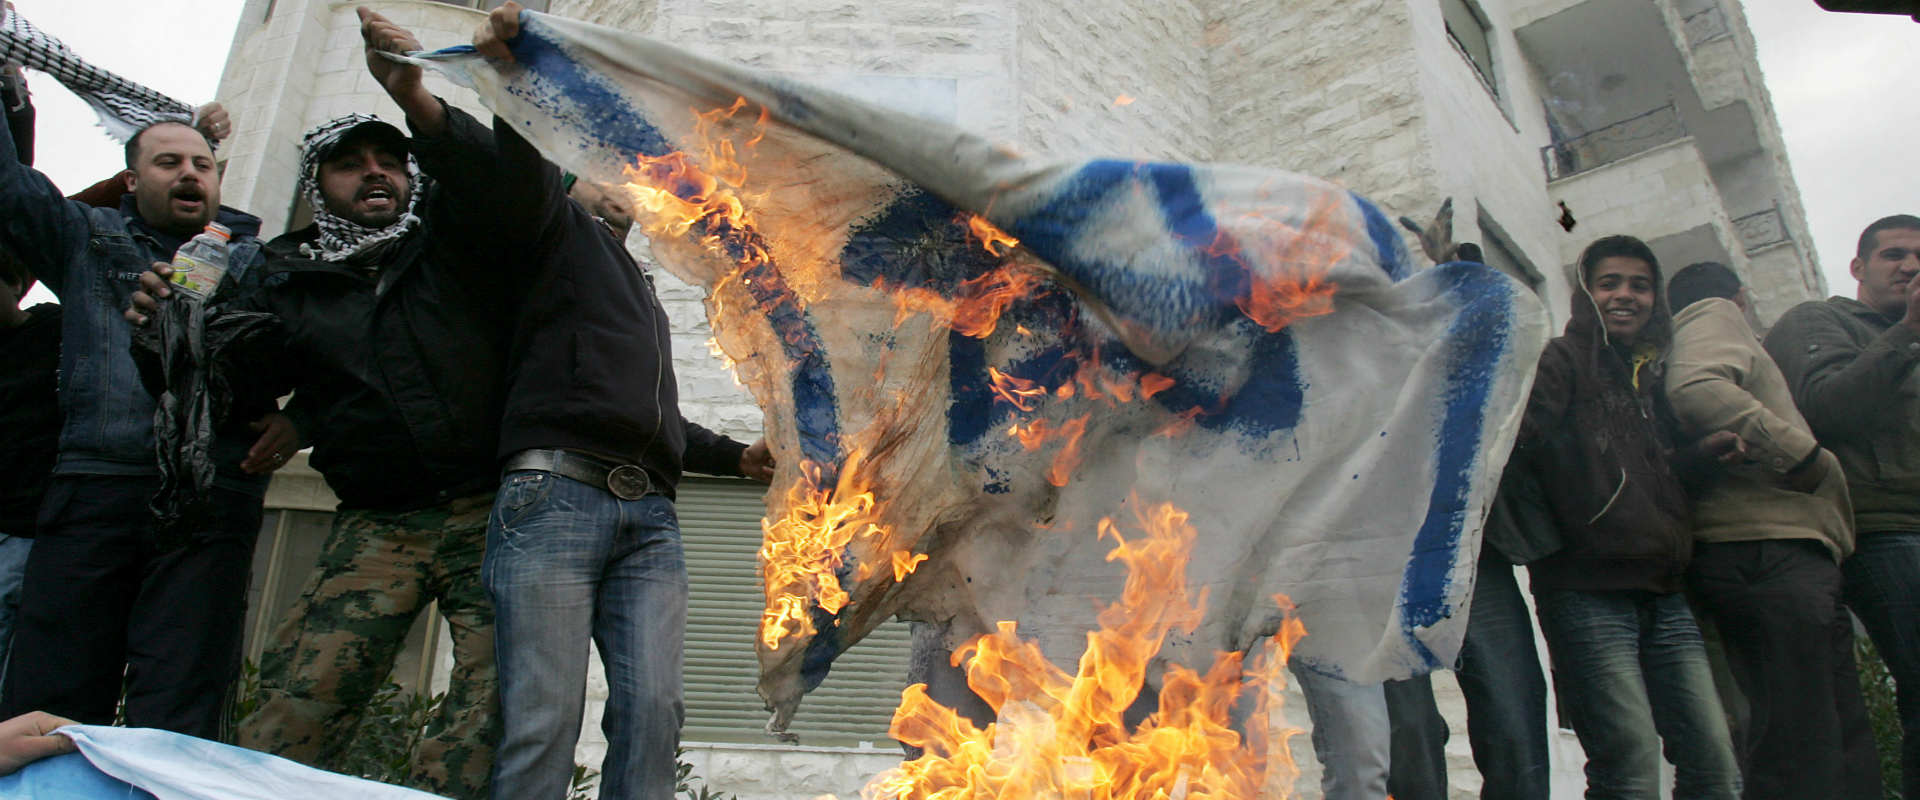 מפגינים סמוך לשגרירות ישראל בעמאן, ארכיון